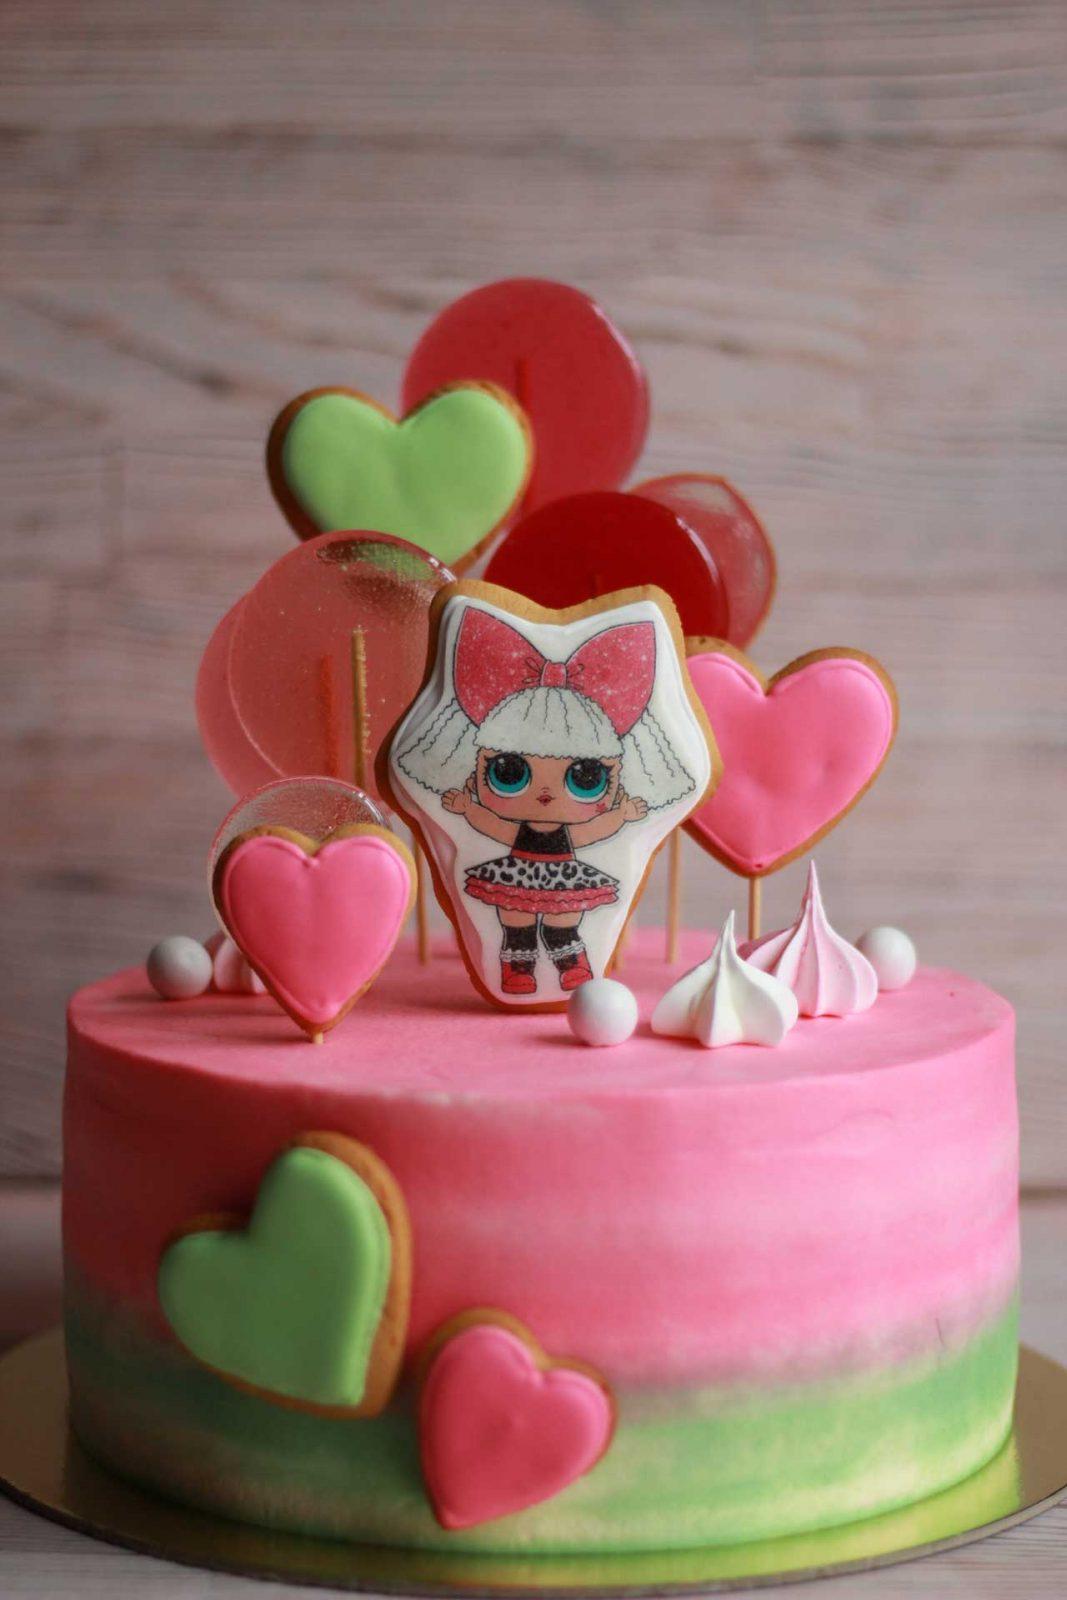 Розовый тортик с куколкой ЛОЛ